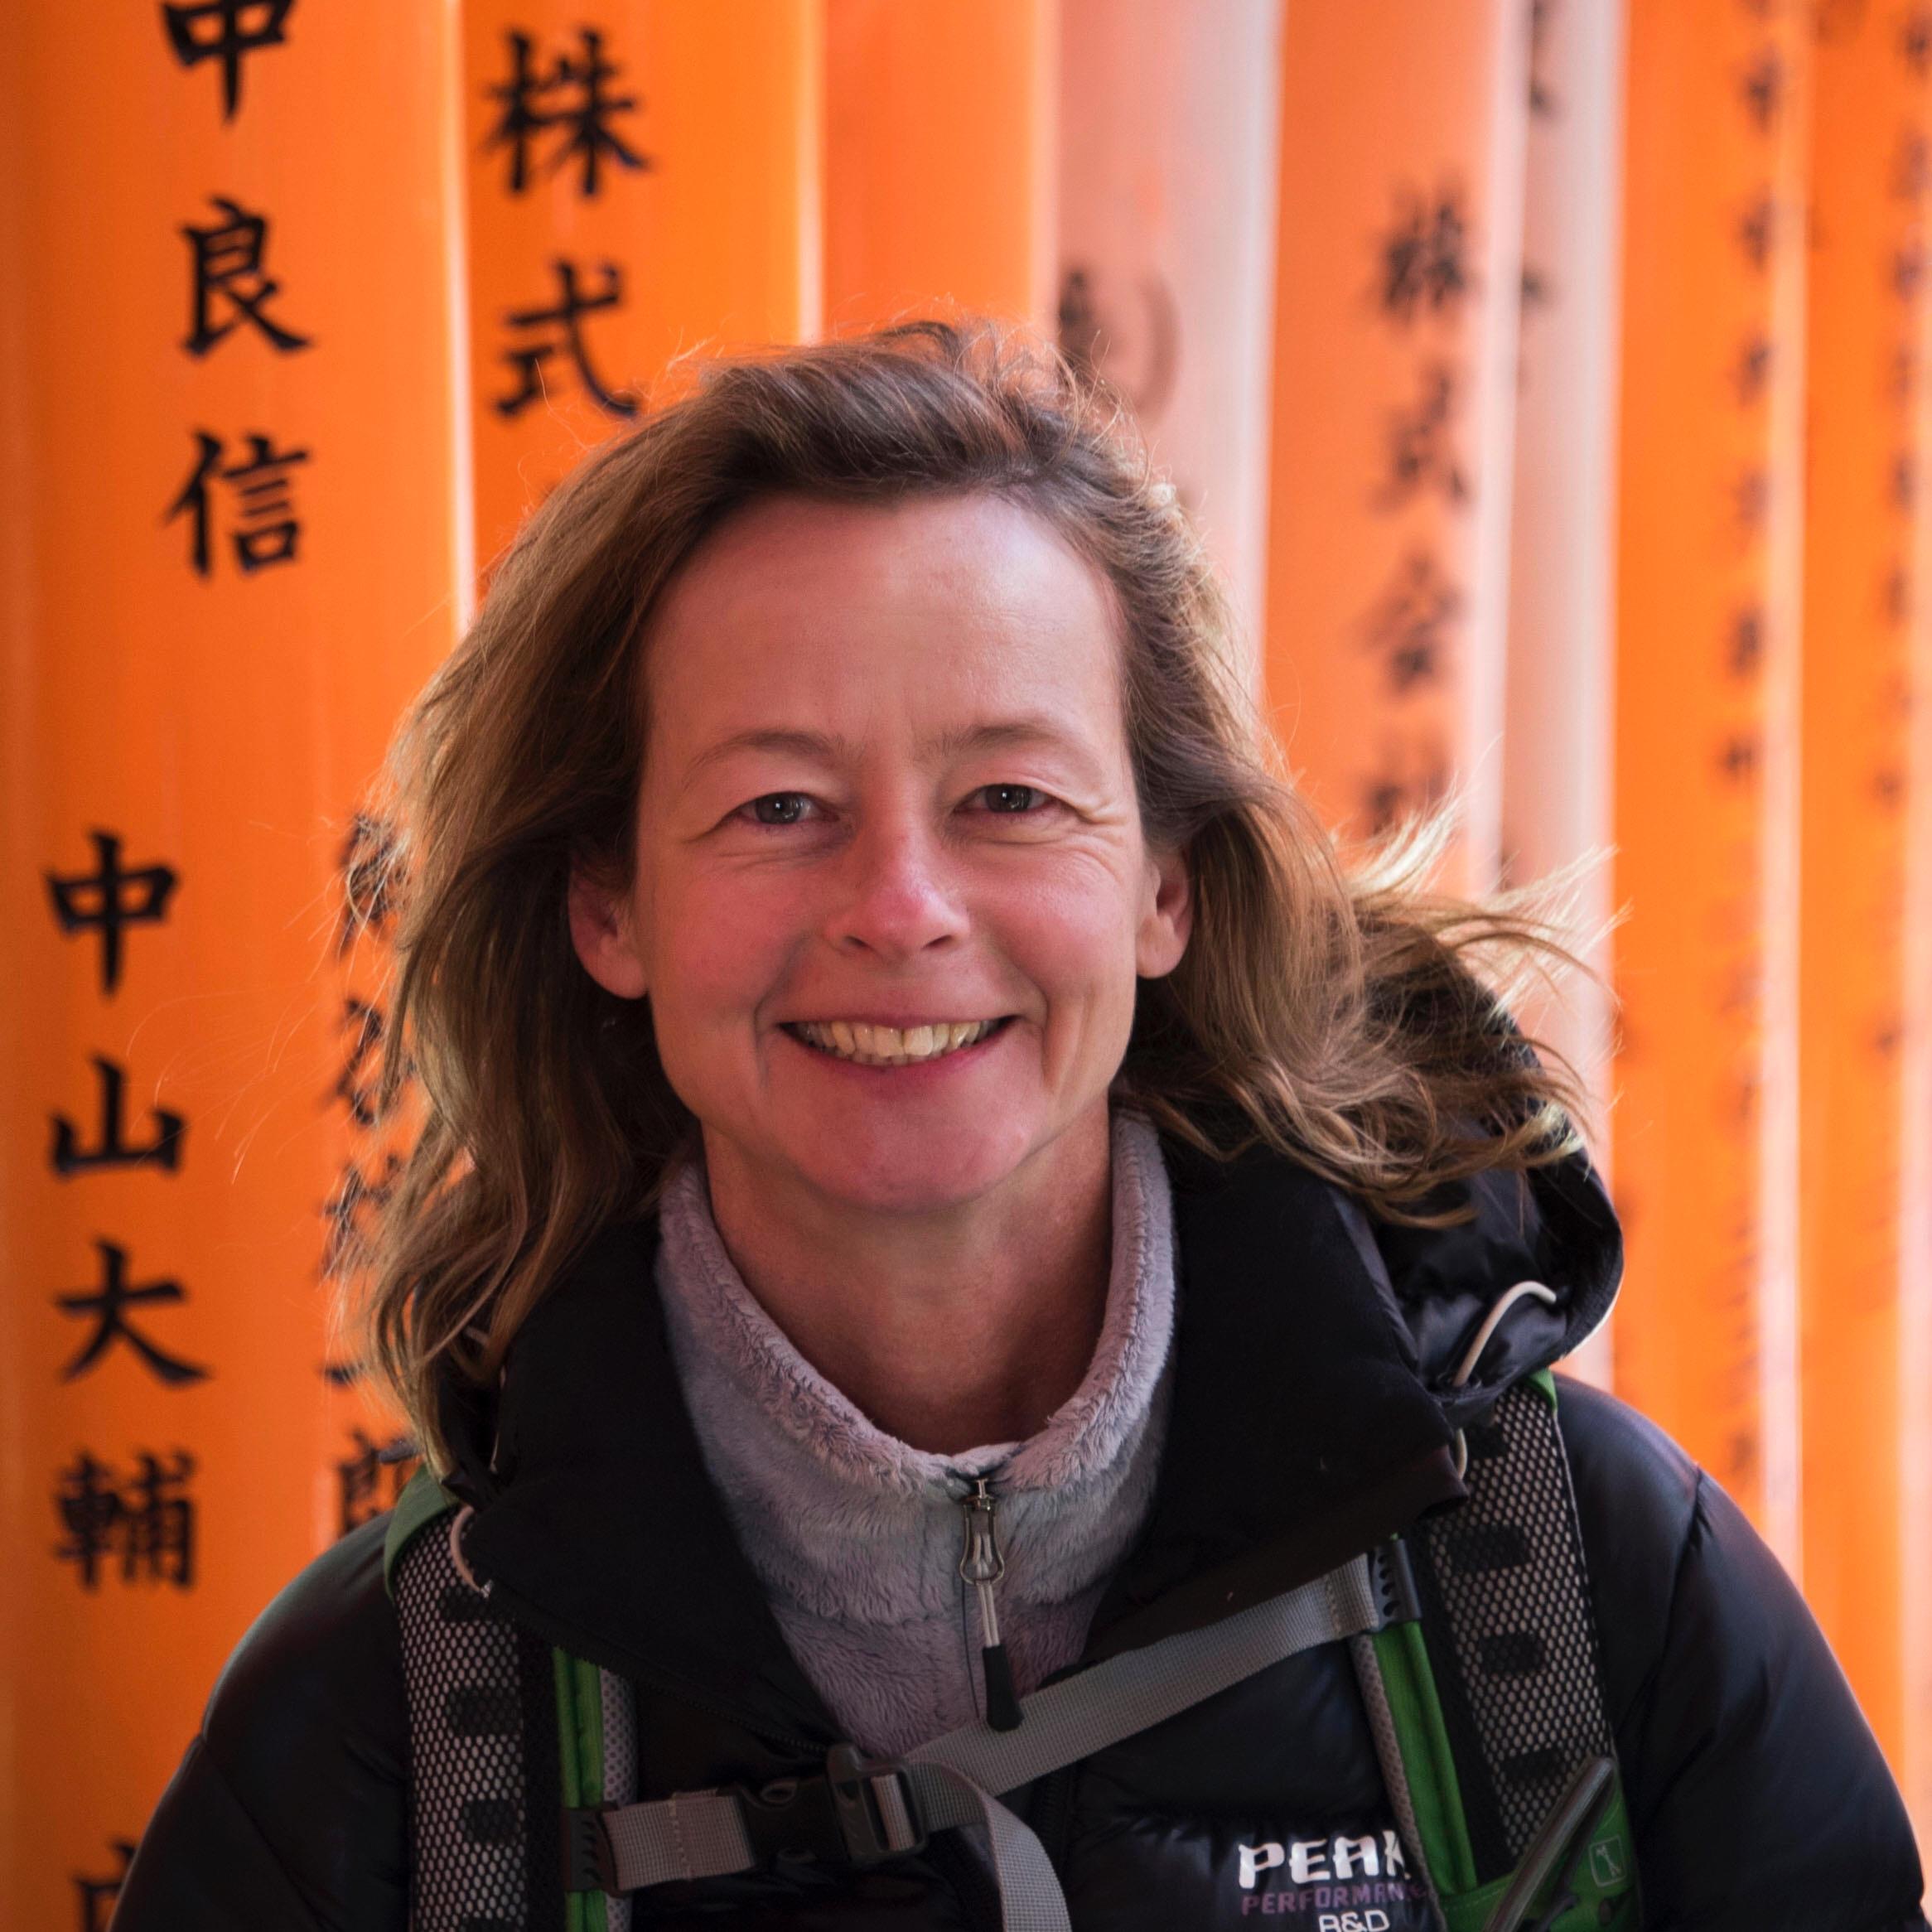 Marielle van der Wardt